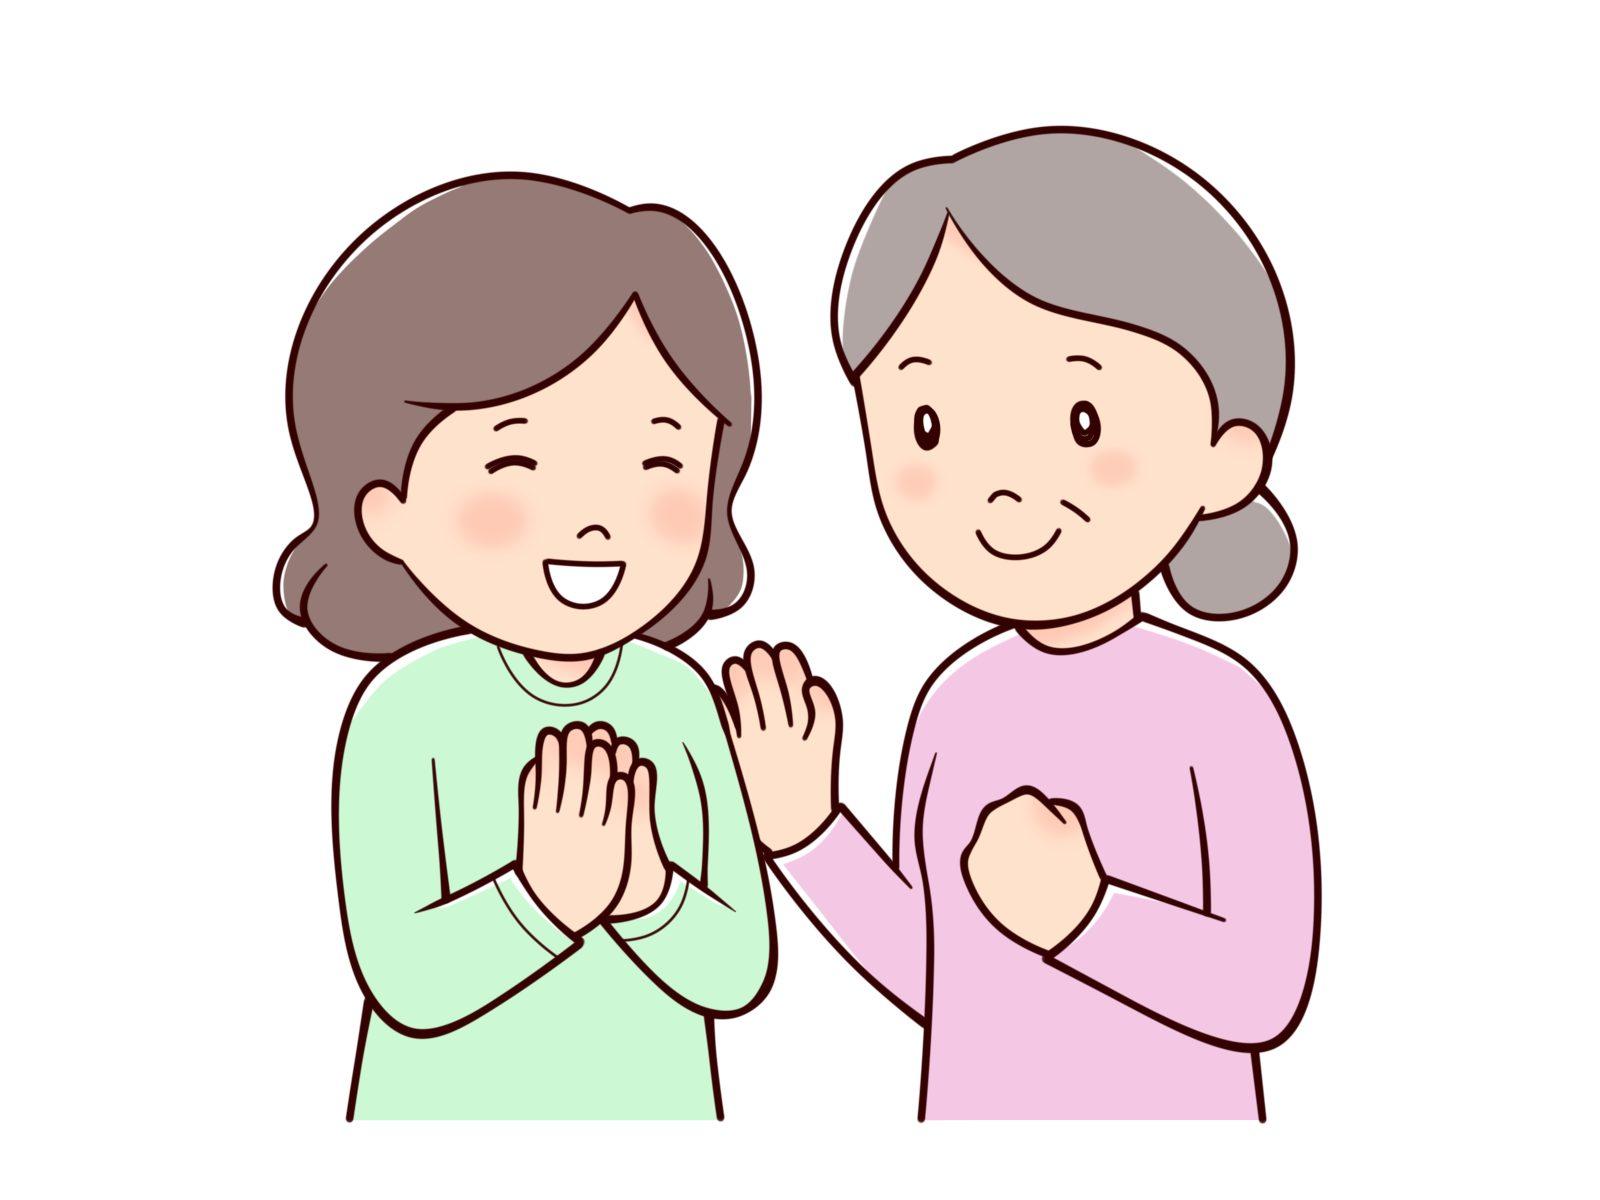 ポケトークmimiがあれば、耳の遠い人との筆談が簡単にできる